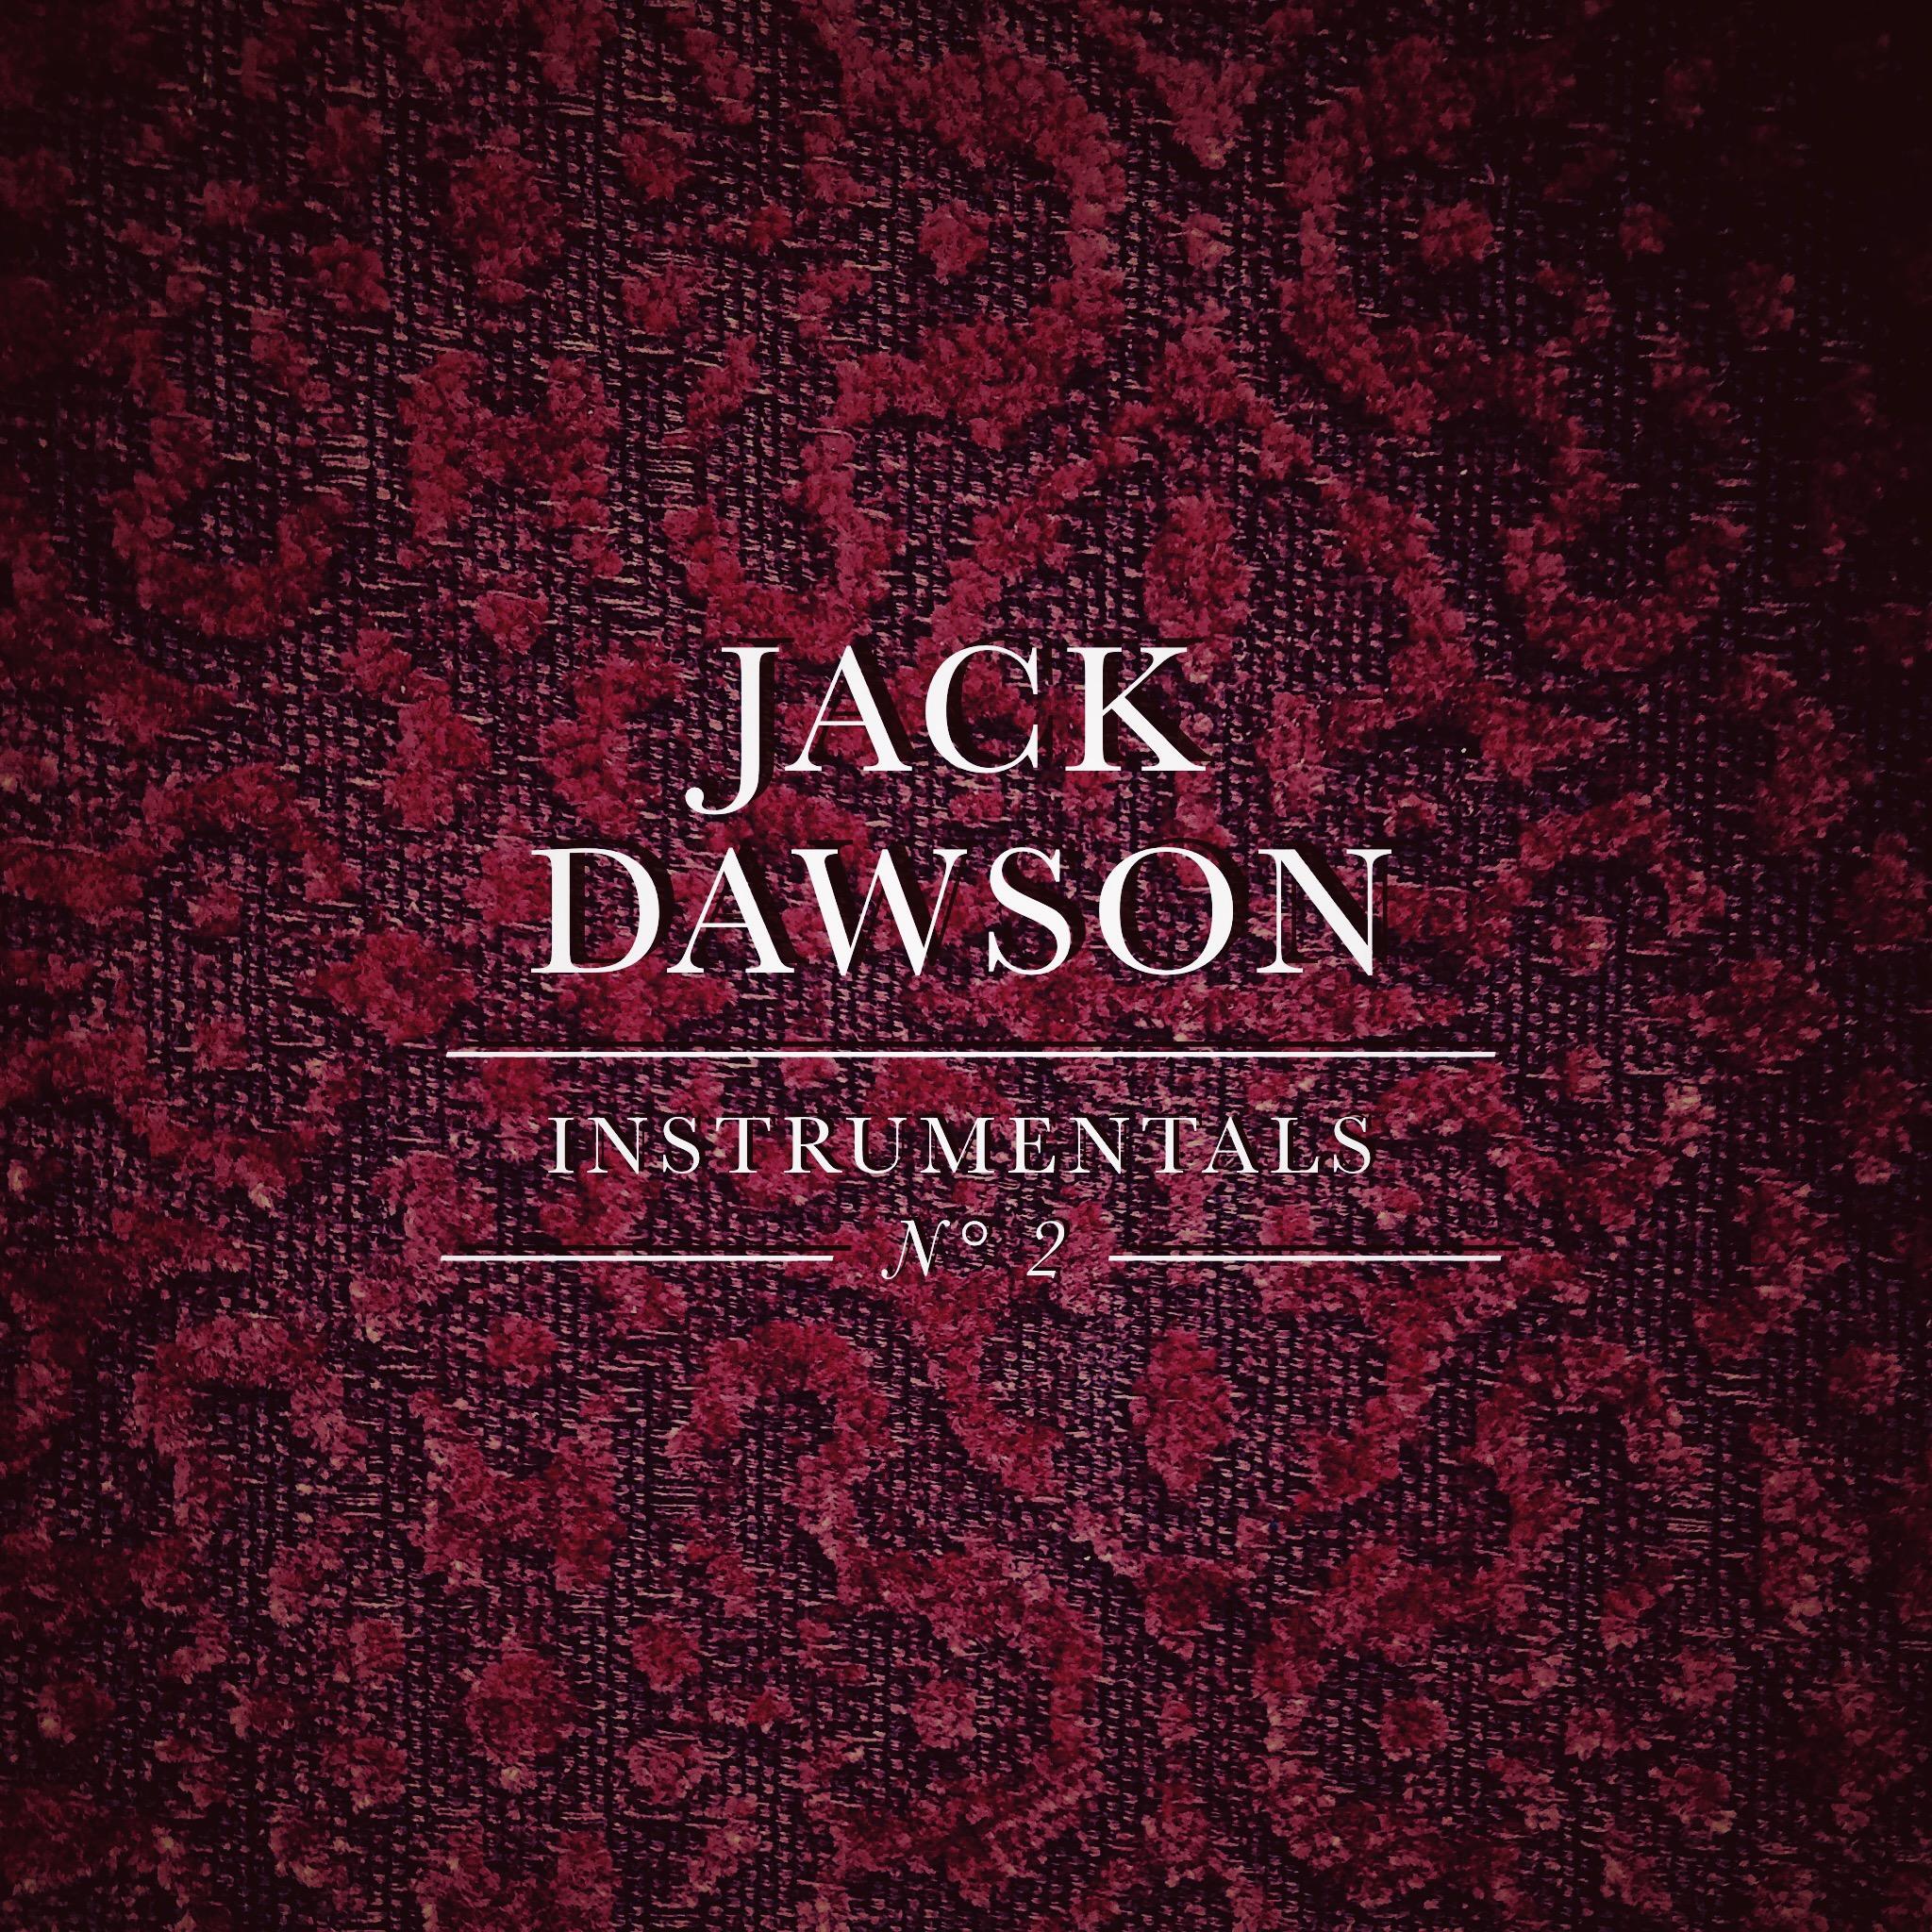 Instrumentals2 Jack Dawson Music Guitar